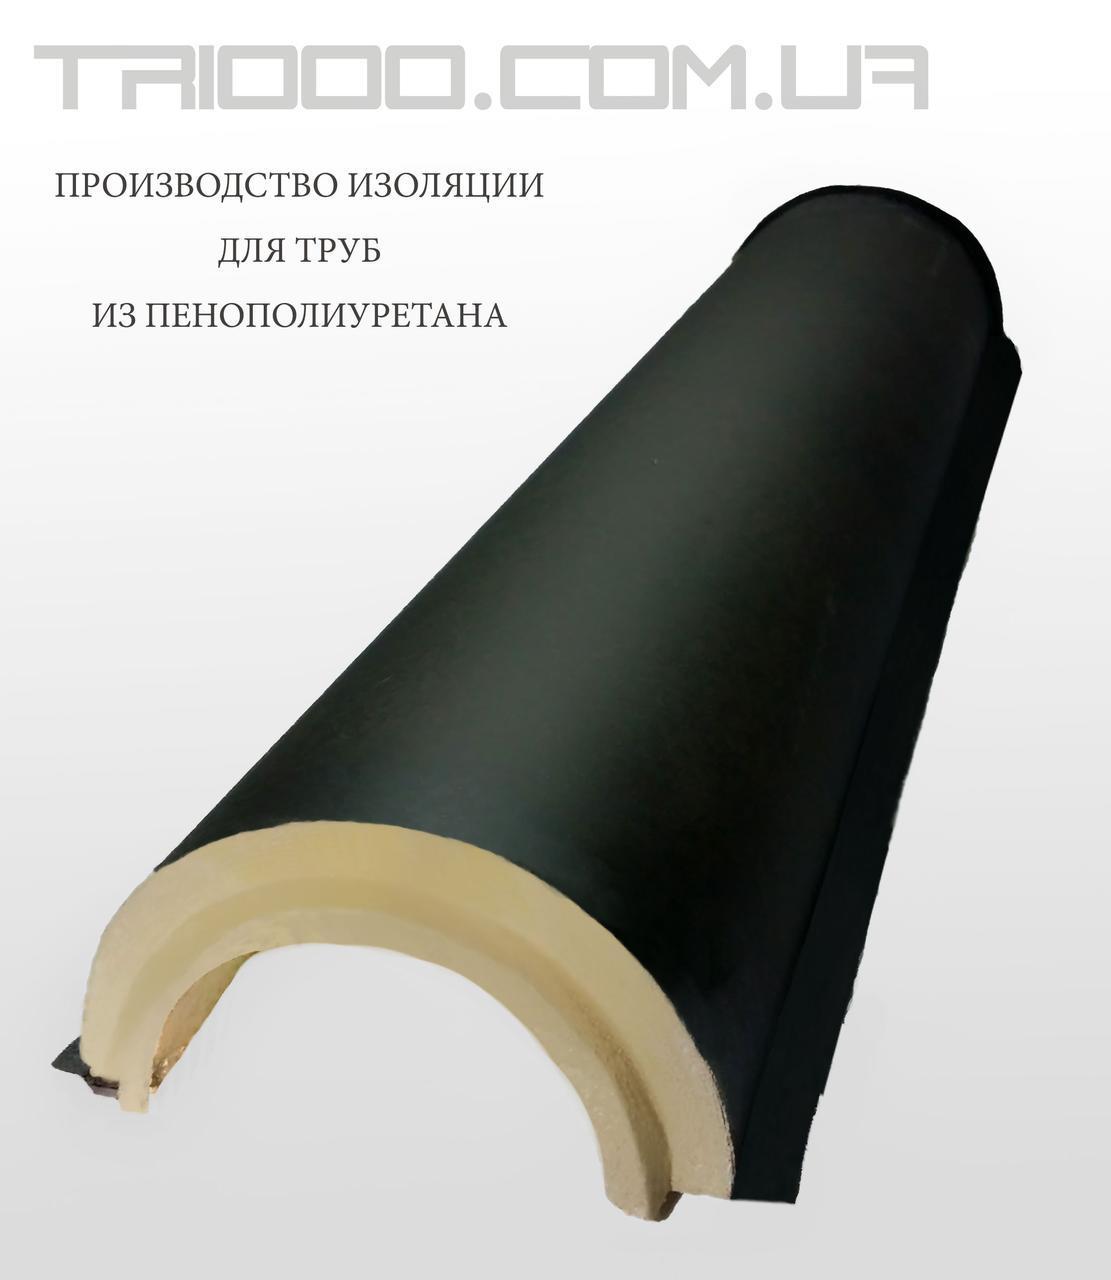 Сегменты теплоизоляционные для труб Ø 76/40 мм в покрытии из пергамина